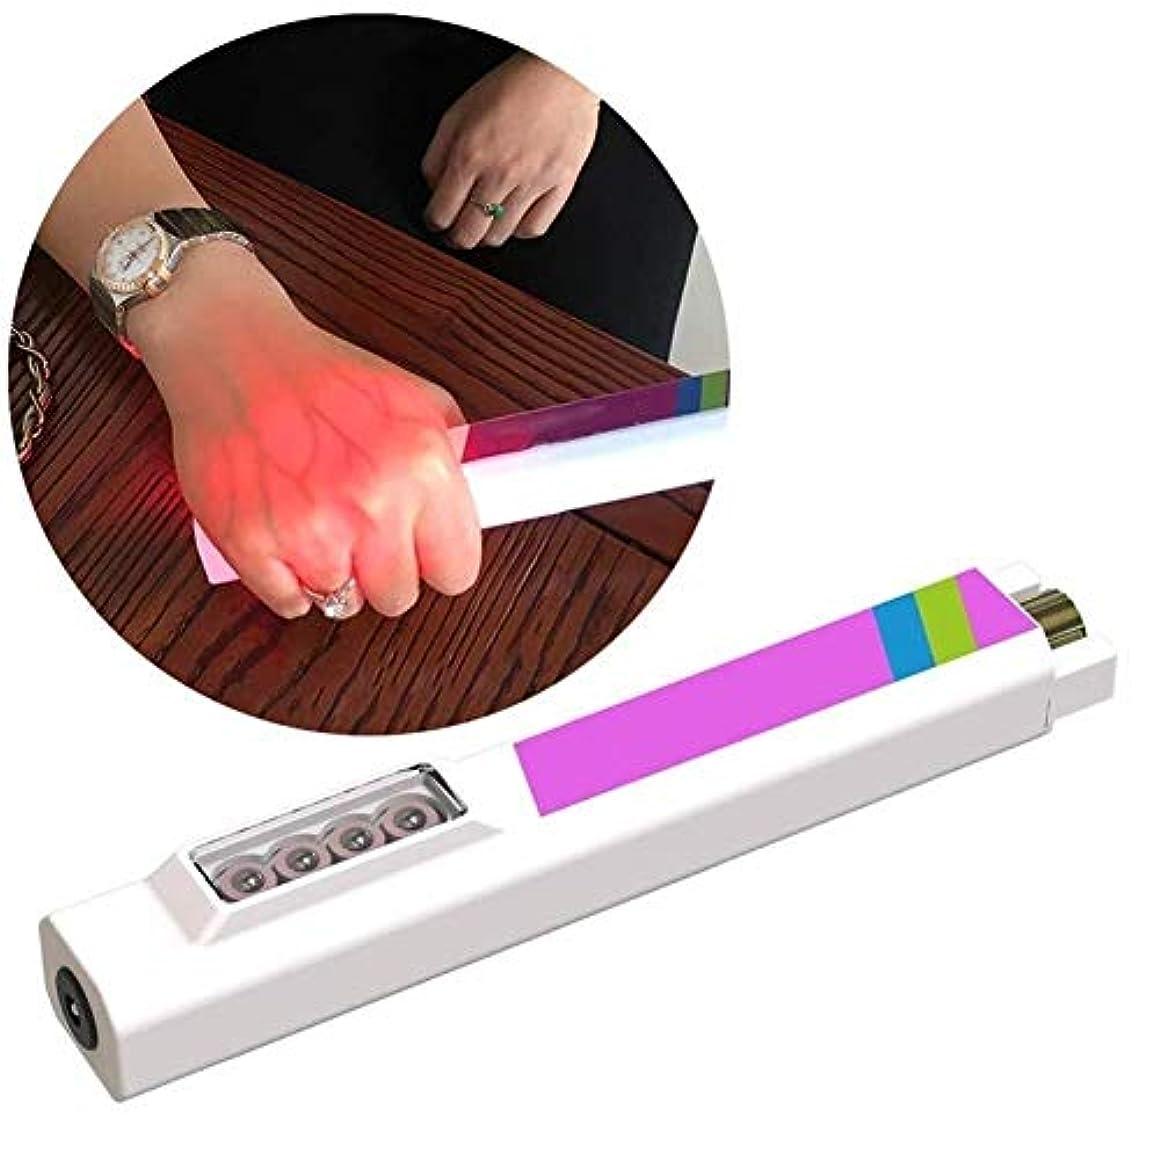 熟す機動暗記する静脈イメージング懐中電灯血管ディスプレイ懐中電灯手穿刺による血管ライトの確認皮下静脈デバイスの発見が容易